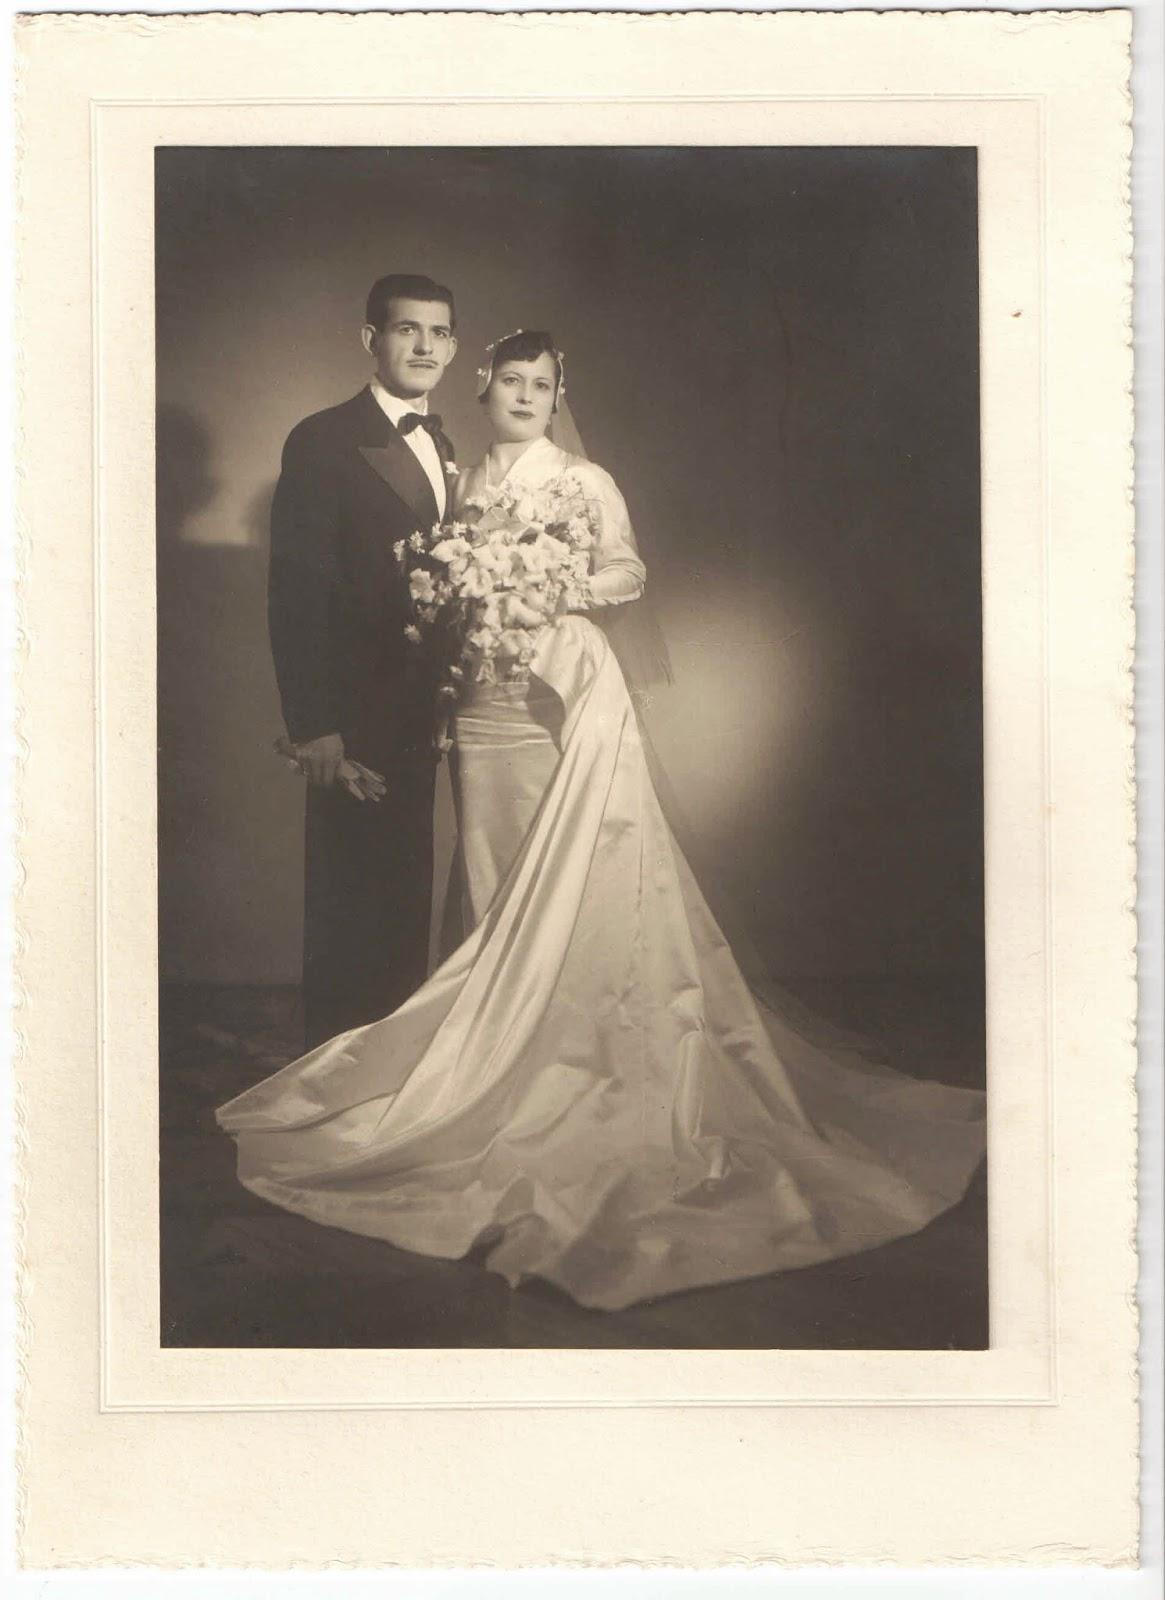 Hablemos de Bodas con Cris: Un poco de historia, en el vestido de novia